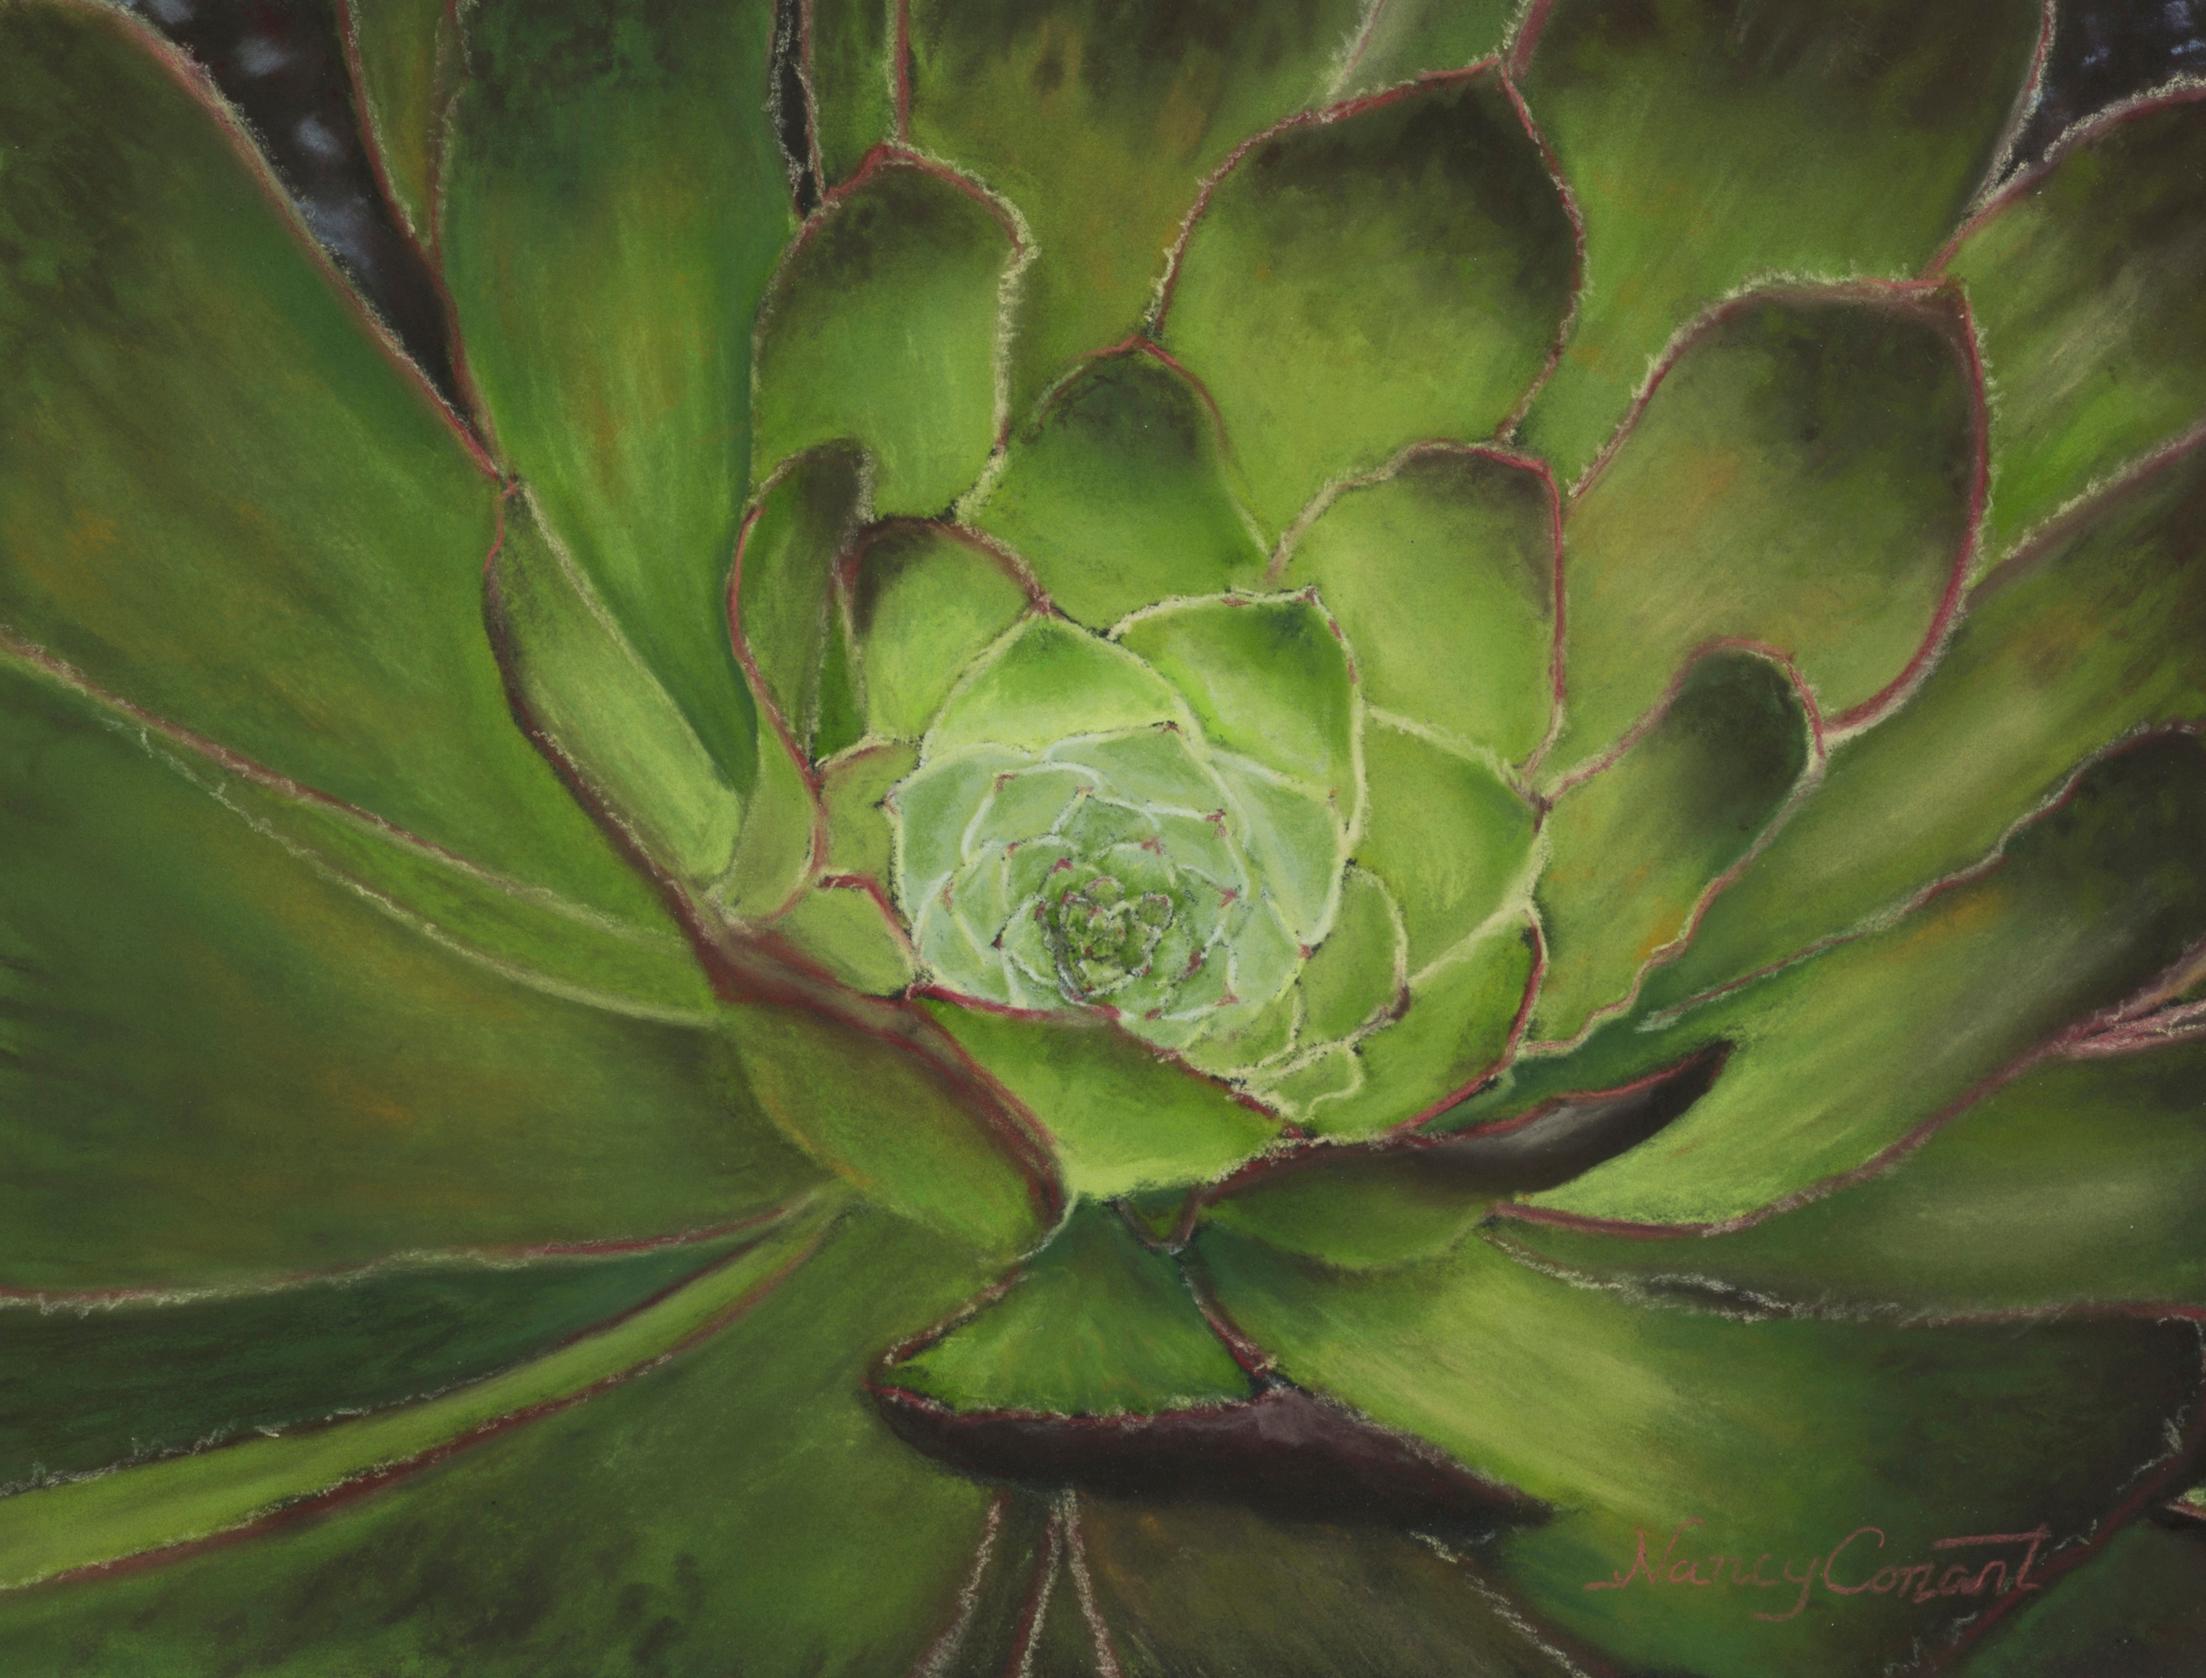 Succulent aeonium arboreum web xbwlzb